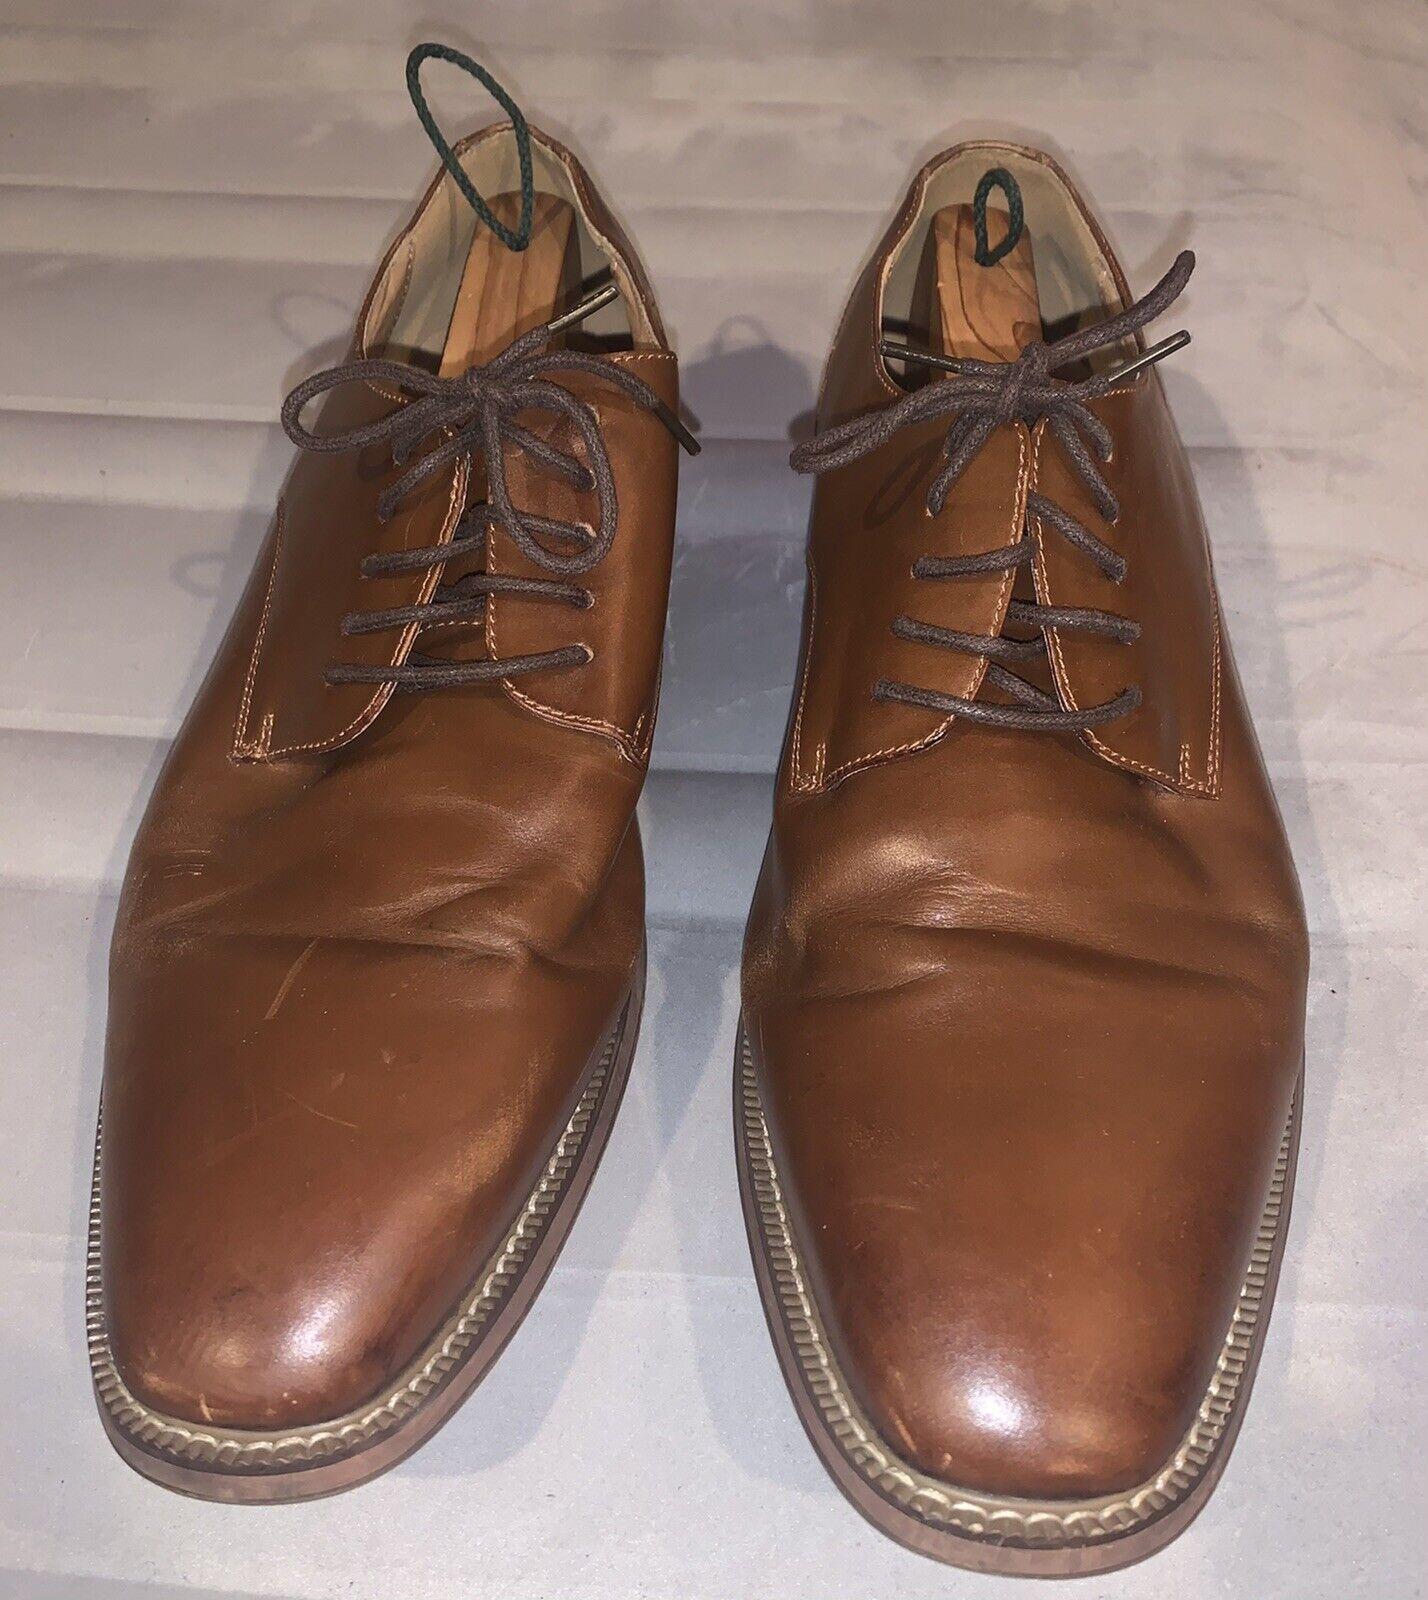 JOSEPH ABBOUD Men's Brown Leather Dress Shoes size 13D